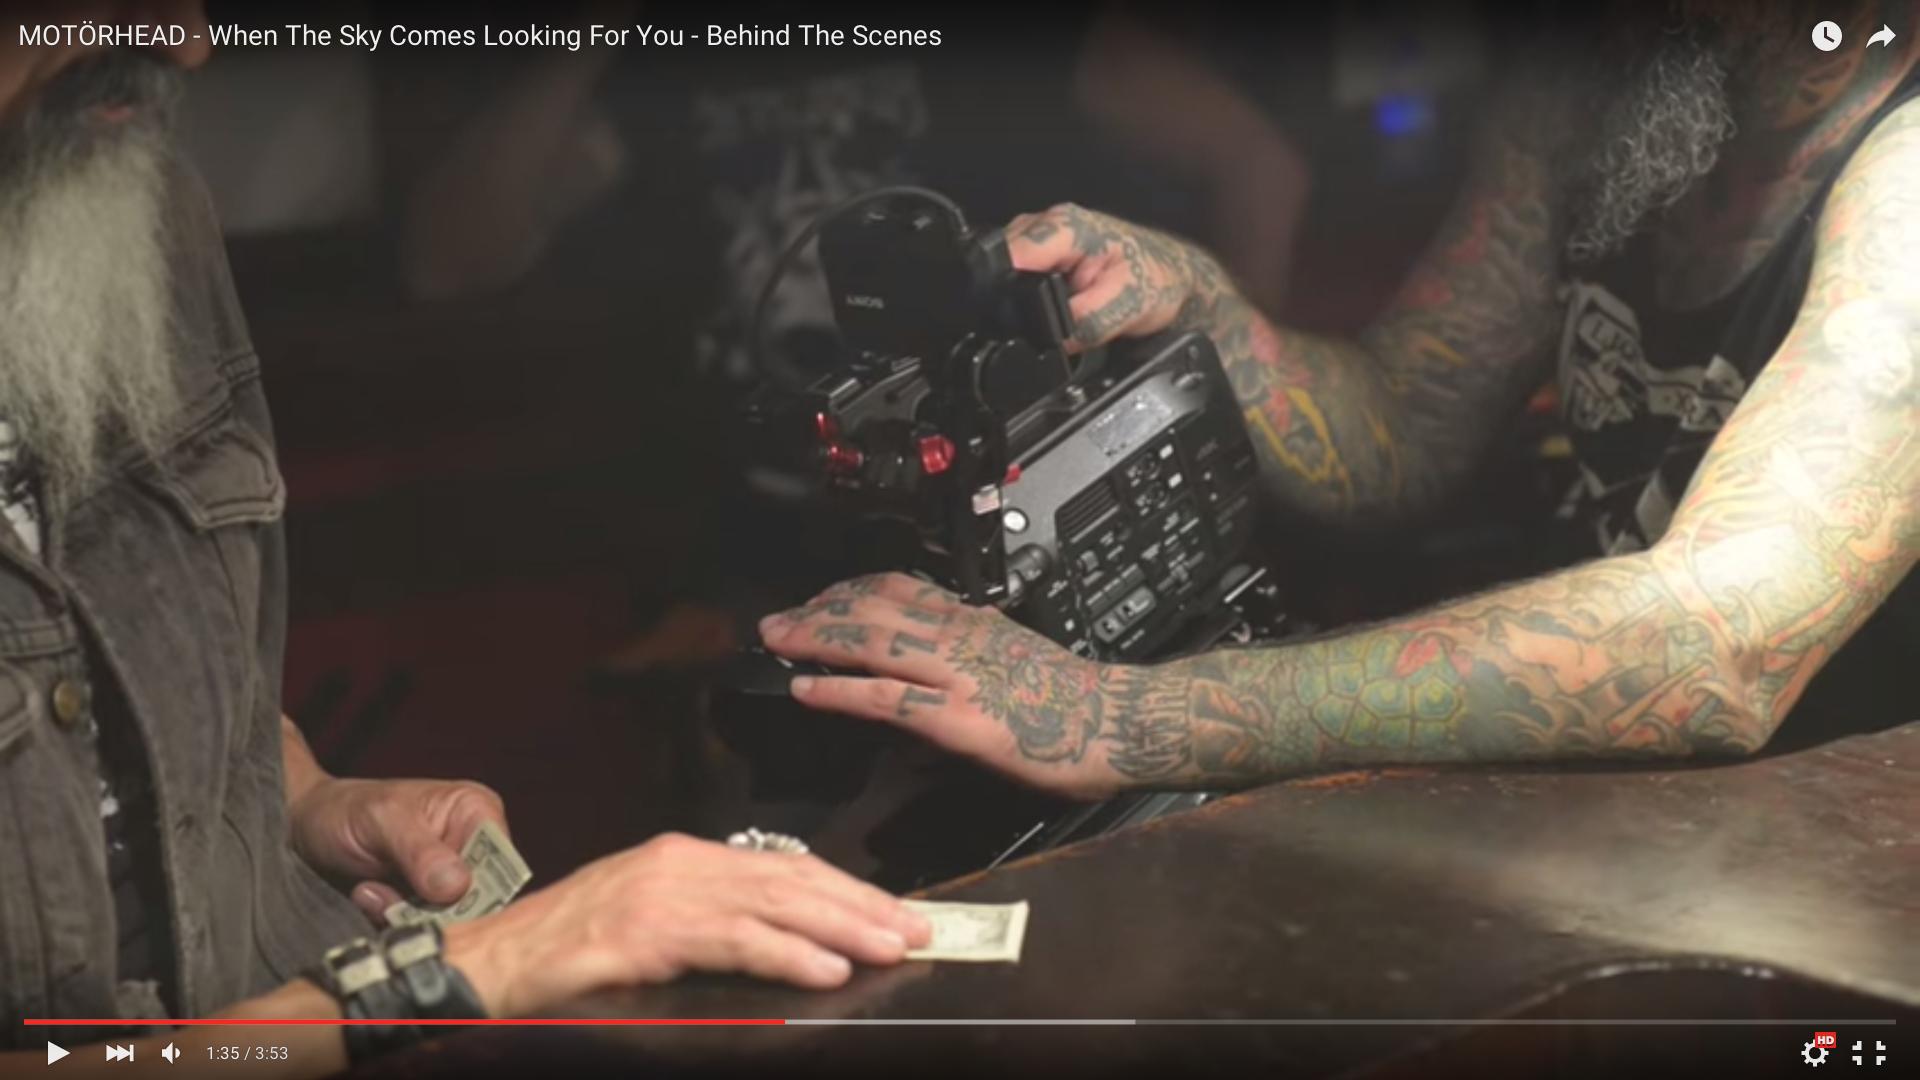 Eine Szene aus dem Behind The Scenes-Video zum Motörhead-Song.